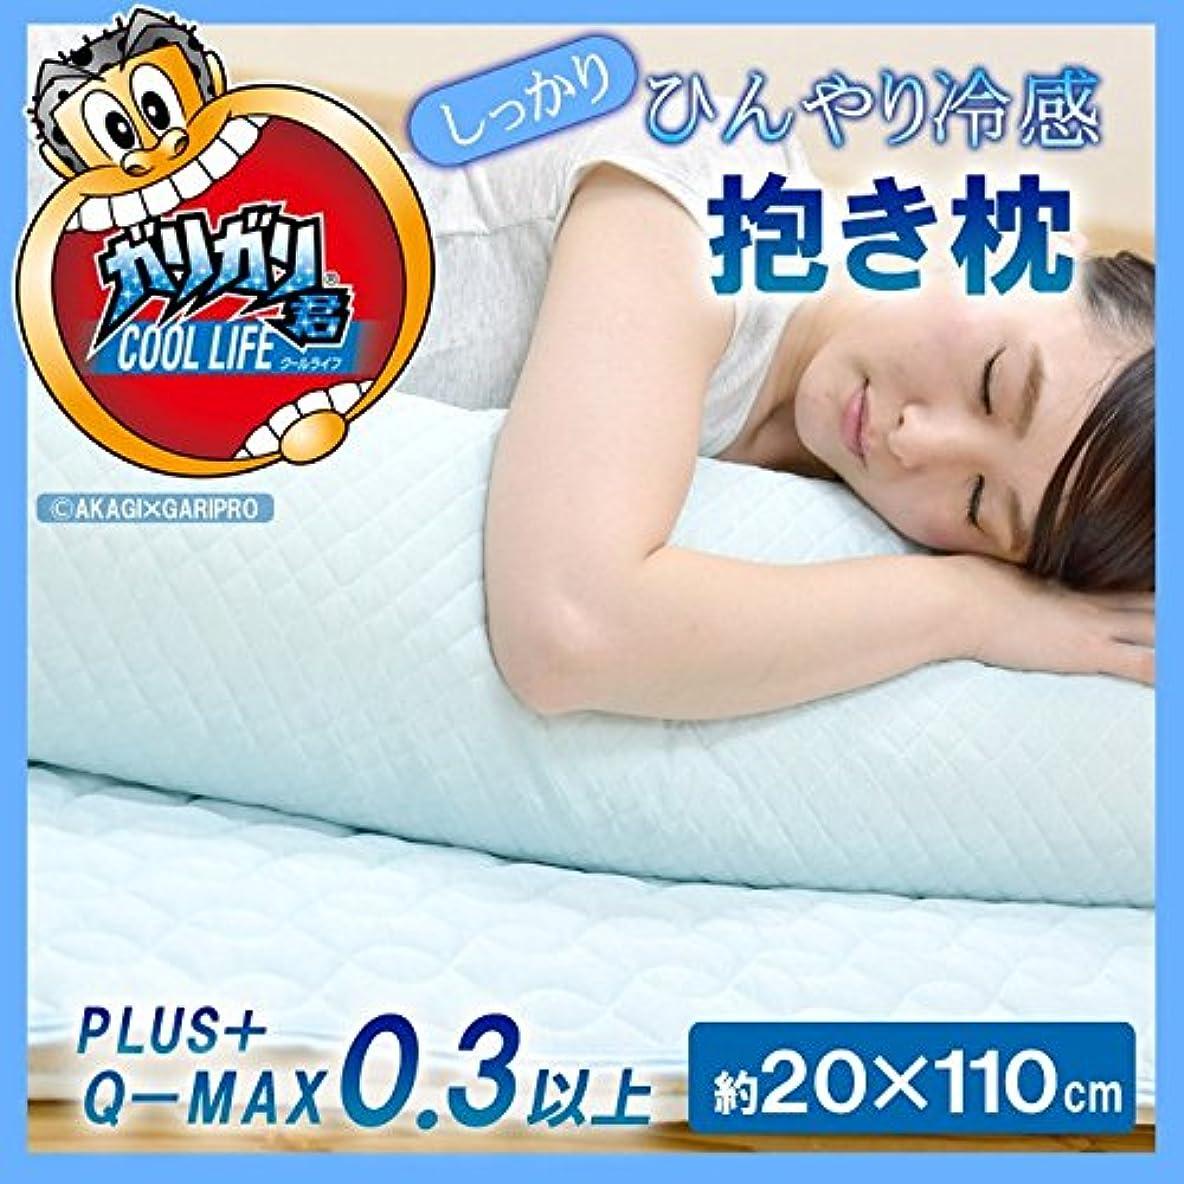 引き受ける目指す有益接触冷感 抱き枕 『 ガリガリ君 PLUS+ 』【IB】(#1538399) 20×110cm